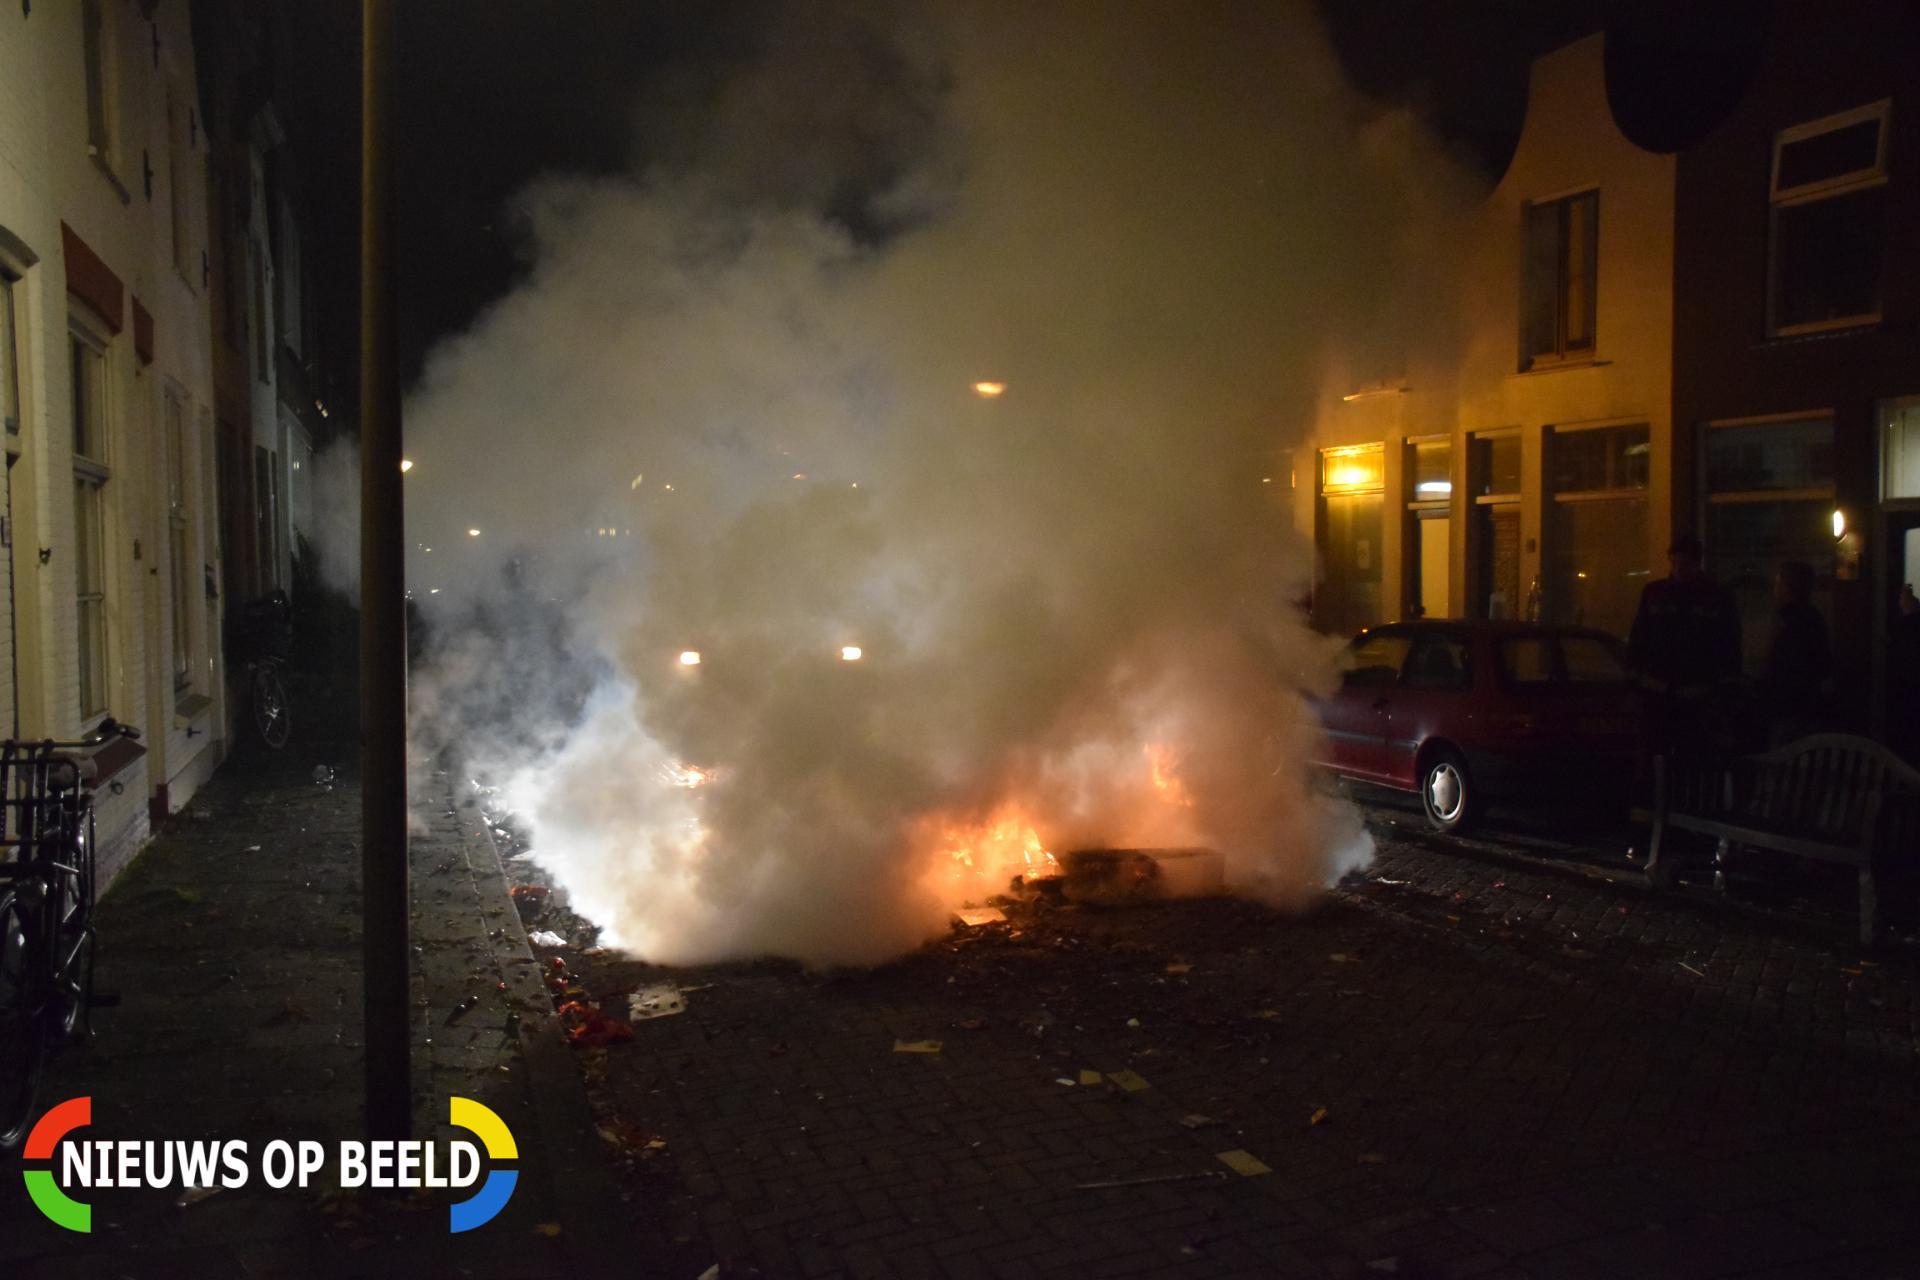 Hoop vuurwerk in brand Boelekade Gouda